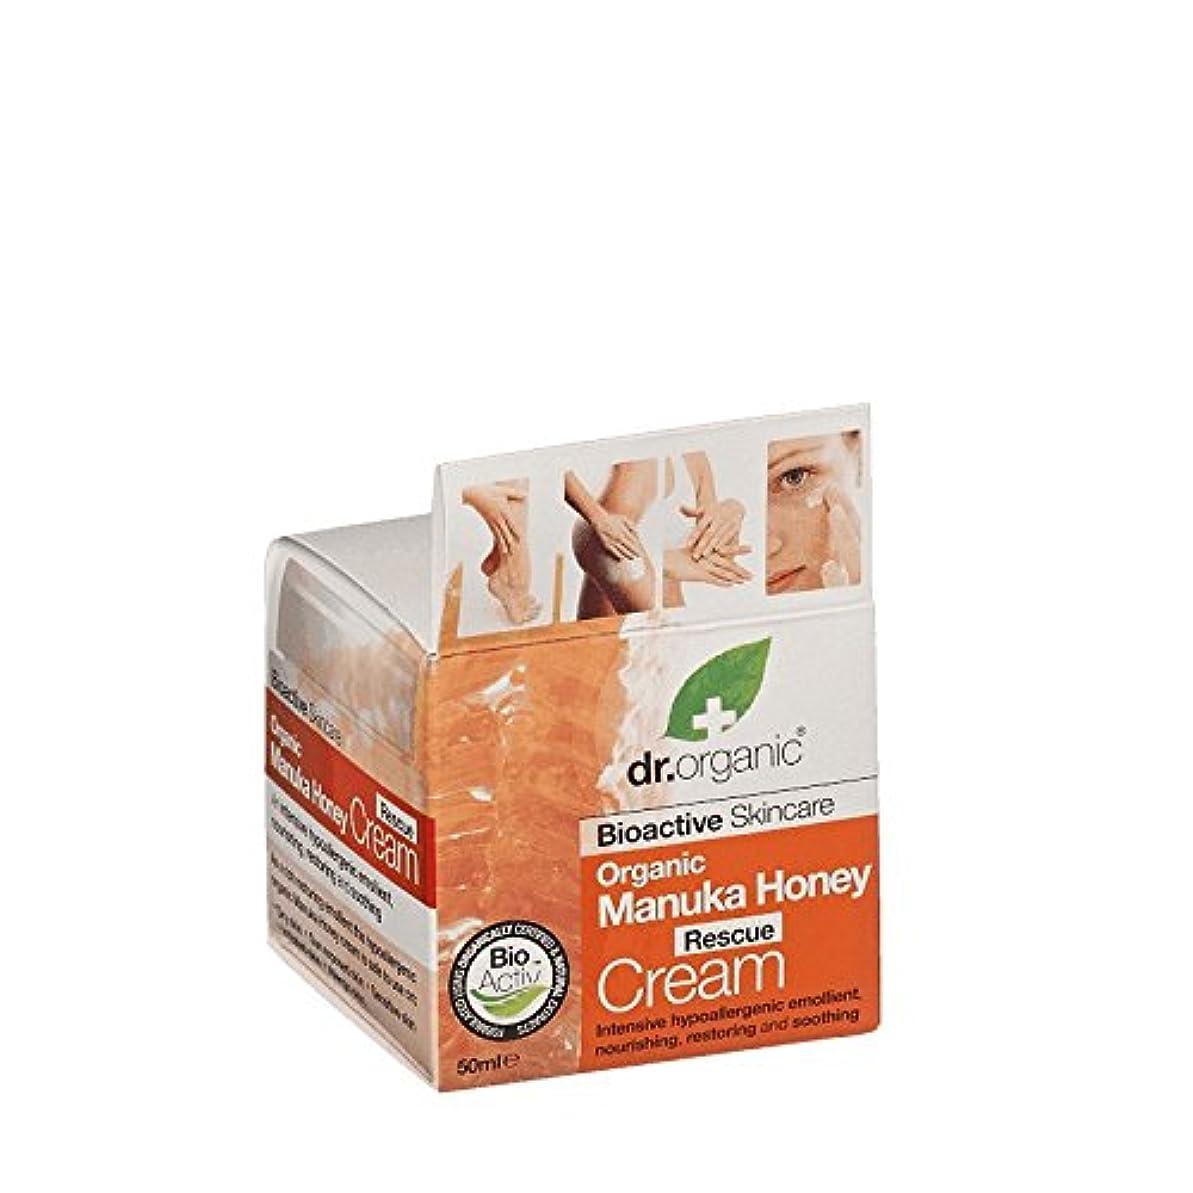 許容できるロシア甘いDr Organic Manuka Honey Rescue Cream (Pack of 6) - Dr有機マヌカハニーレスキュークリーム (x6) [並行輸入品]